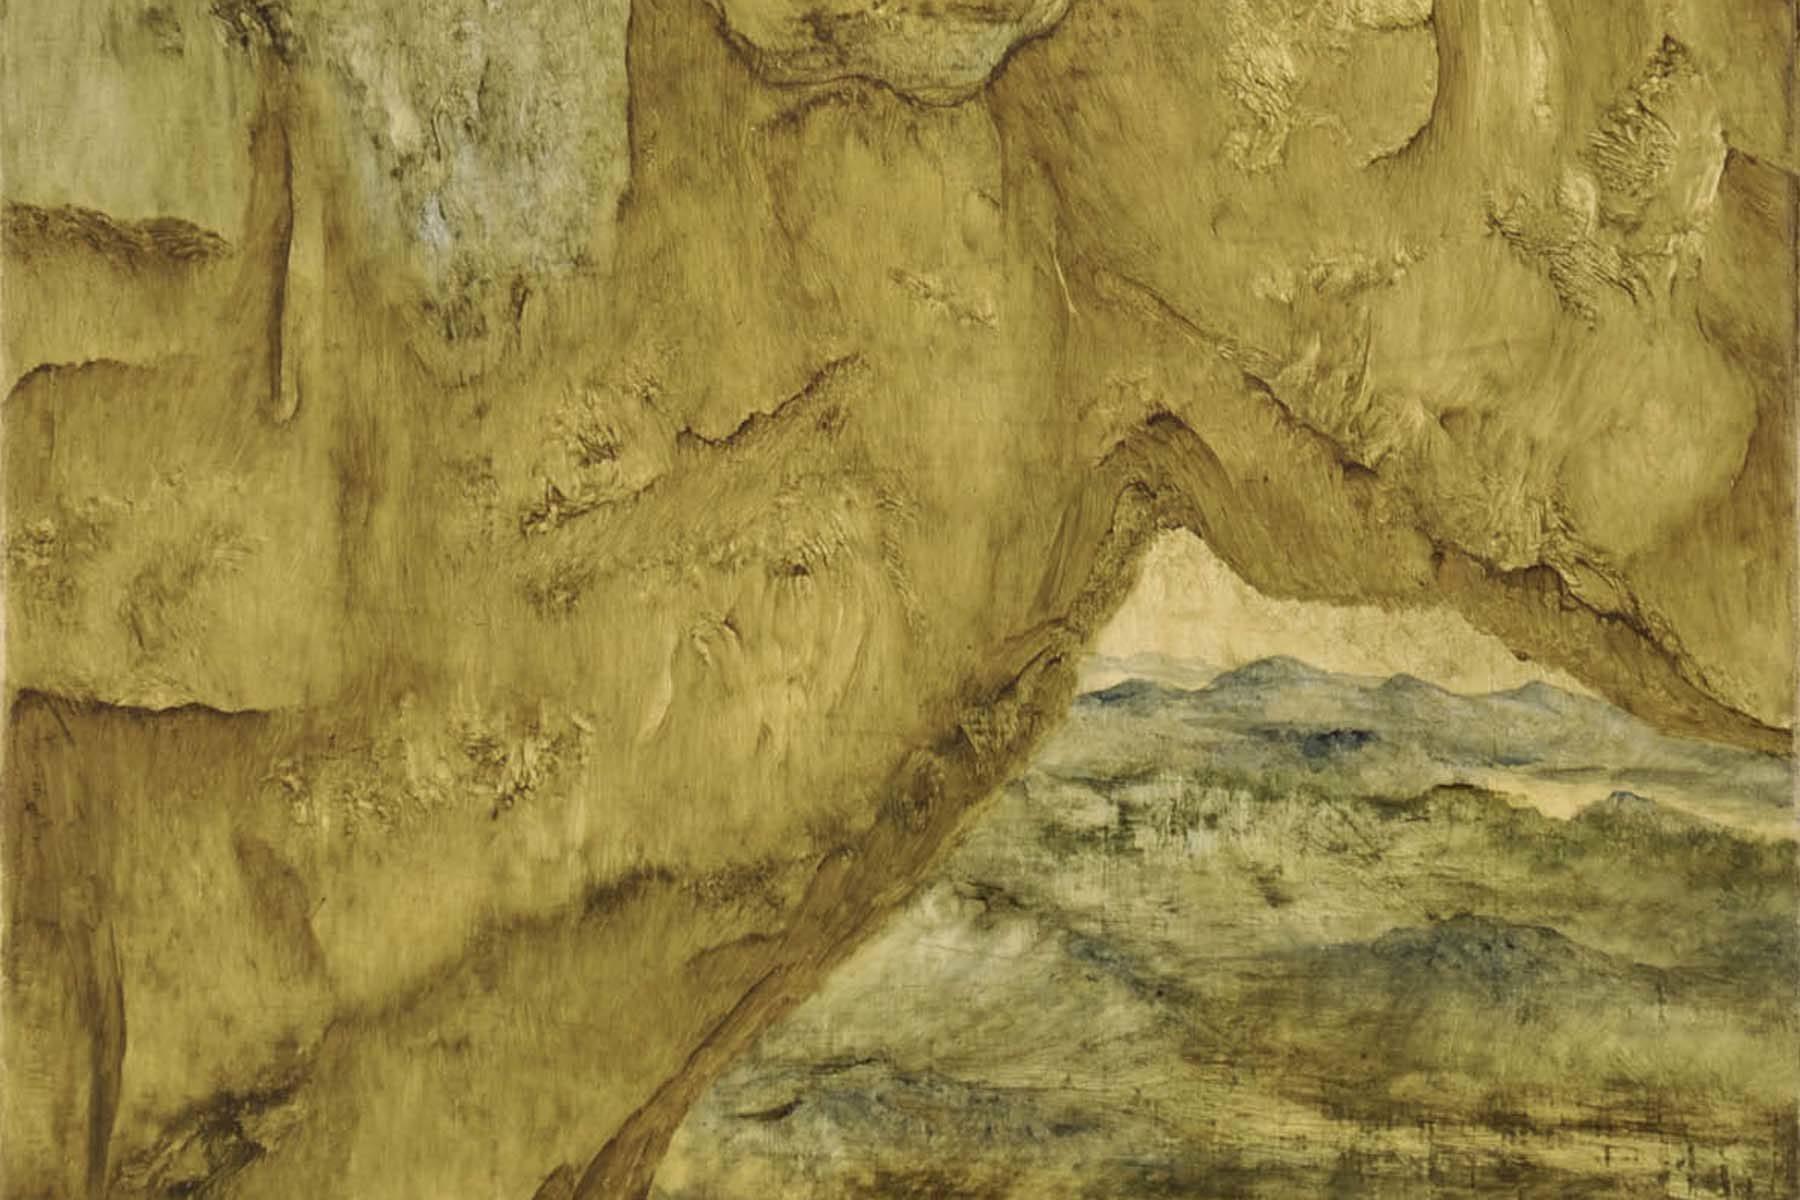 Juan Carlos Ceci, Un tranello, 2010, oil on canvas, 25 x 20 cm